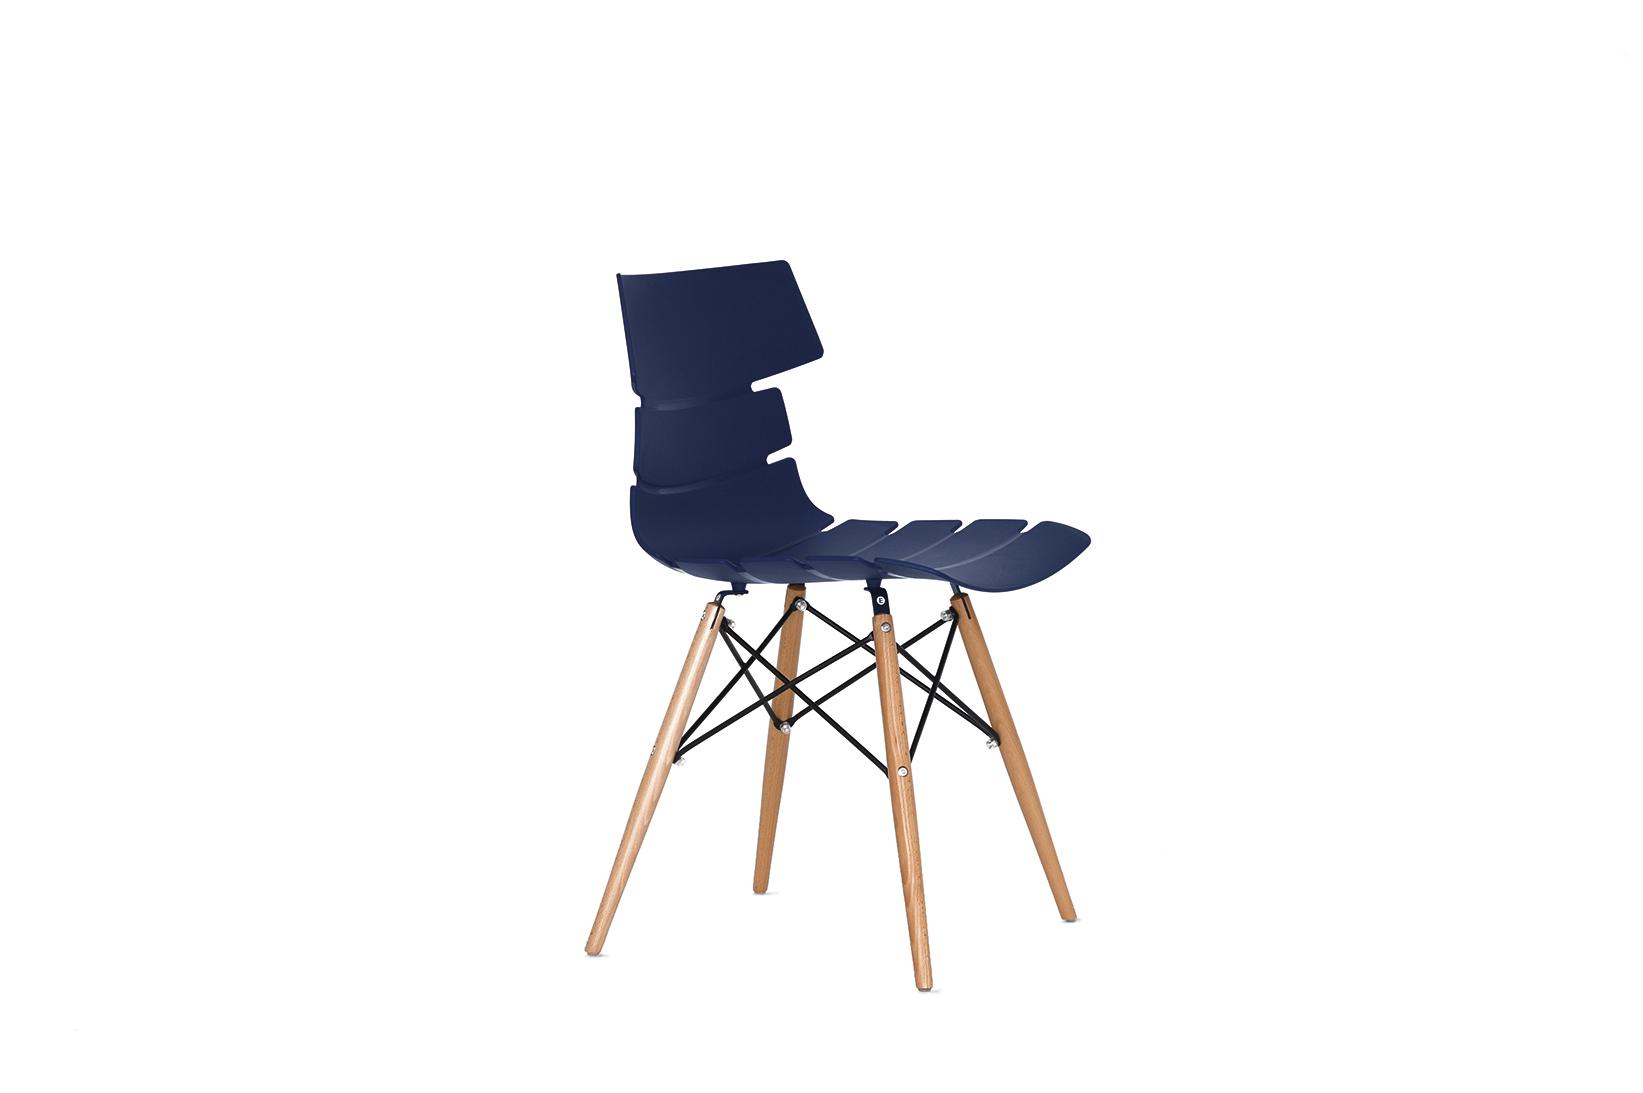 Стул PW-030 синийОбеденные стулья<br>&amp;lt;div&amp;gt;Материал: Пластик, дерево&amp;lt;/div&amp;gt;&amp;lt;div&amp;gt;&amp;lt;br&amp;gt;&amp;lt;/div&amp;gt;<br><br>Material: Пластик<br>Width см: 51<br>Depth см: 50<br>Height см: 81